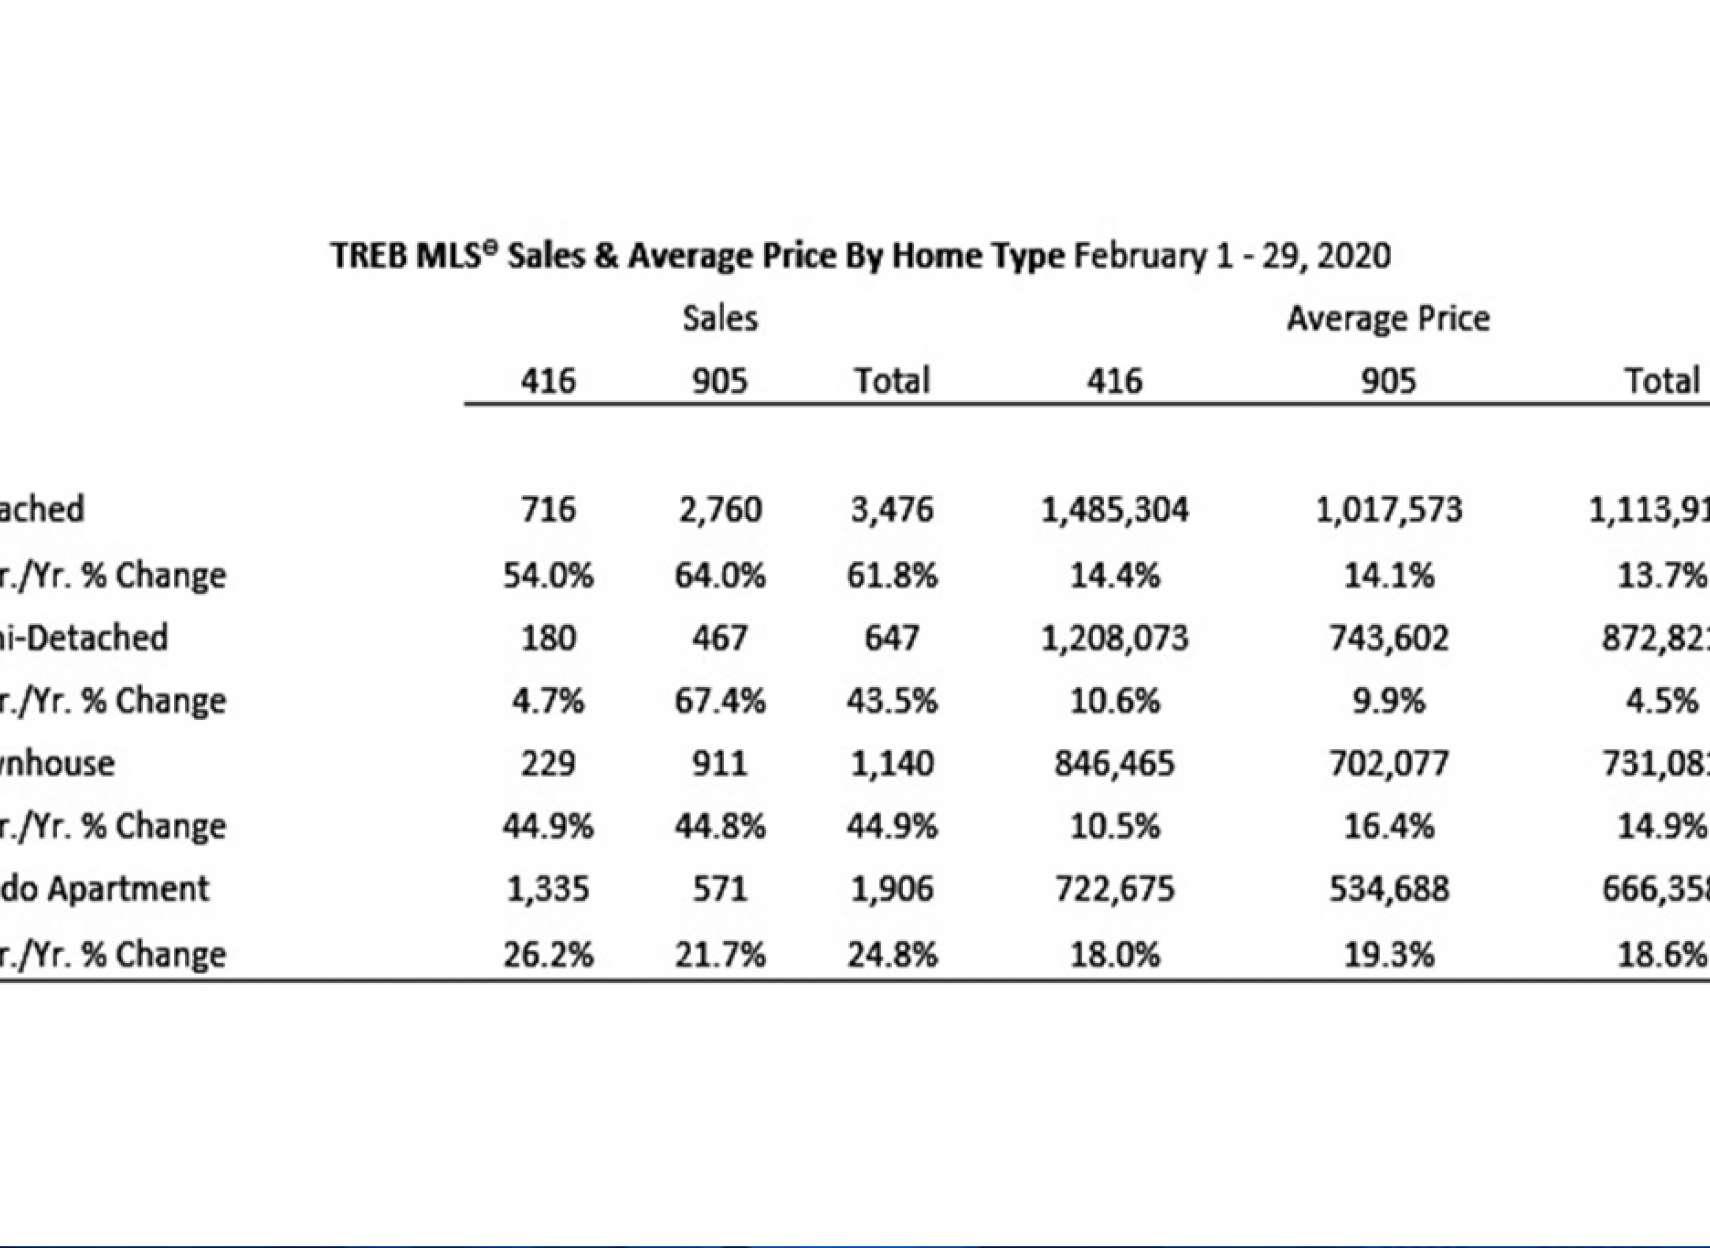 املاک-انواری-جهش-بزرگ-در-حجم-معاملات-ملک